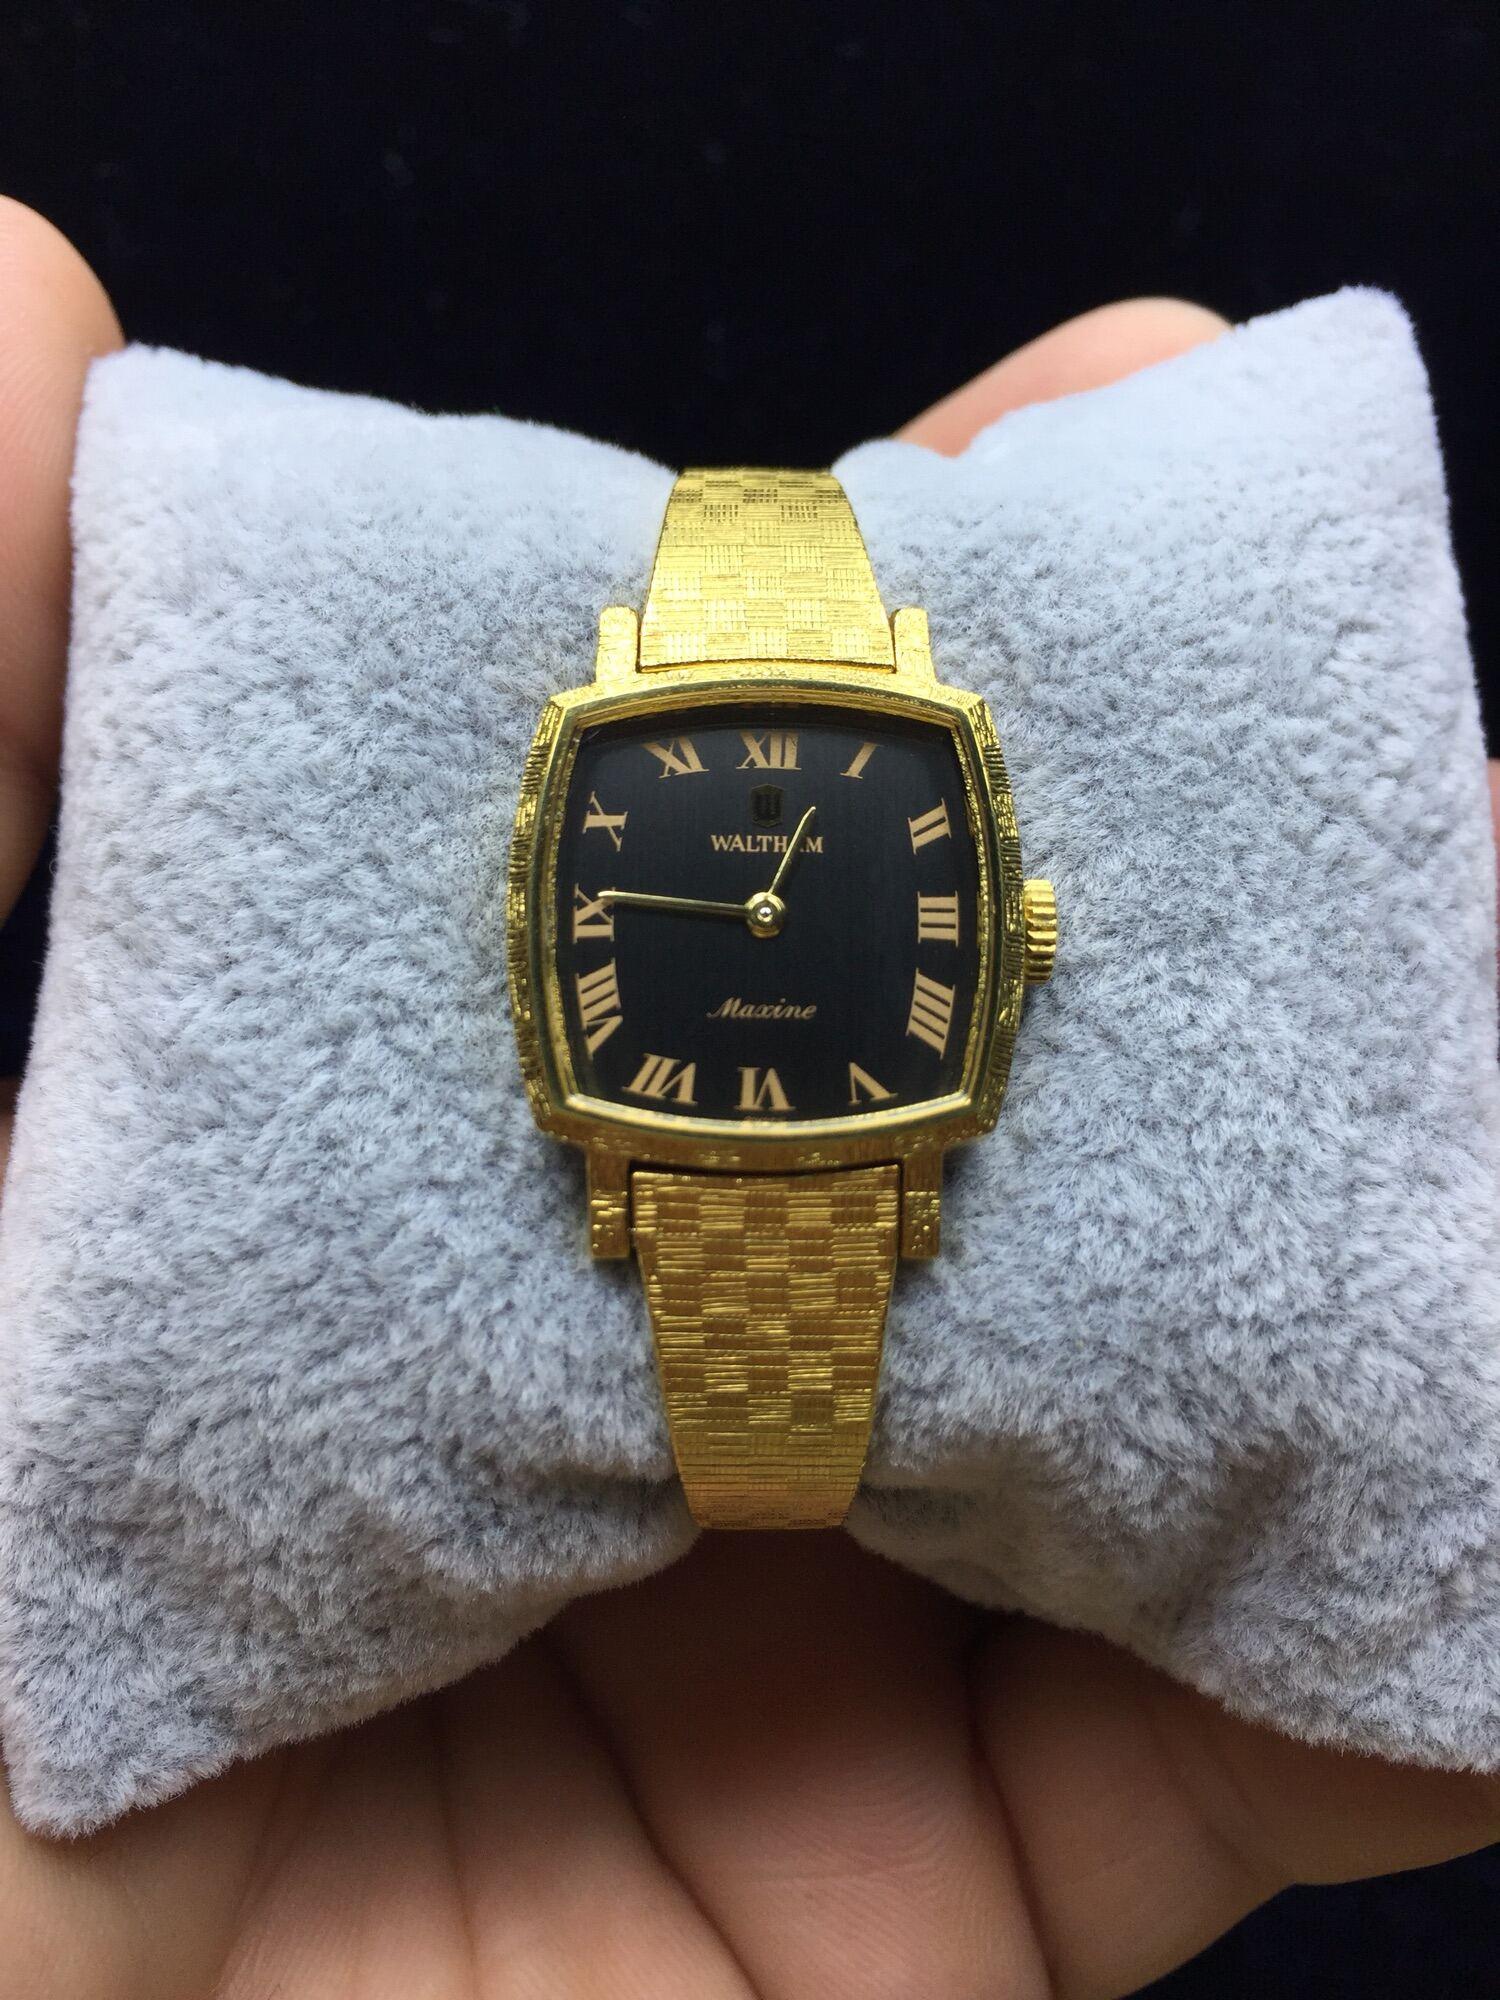 Đồng hồ Si Nữ siêu phẩm cơ cót Waltham cổ điển, sang trọng Thụy Sĩ🇨🇭